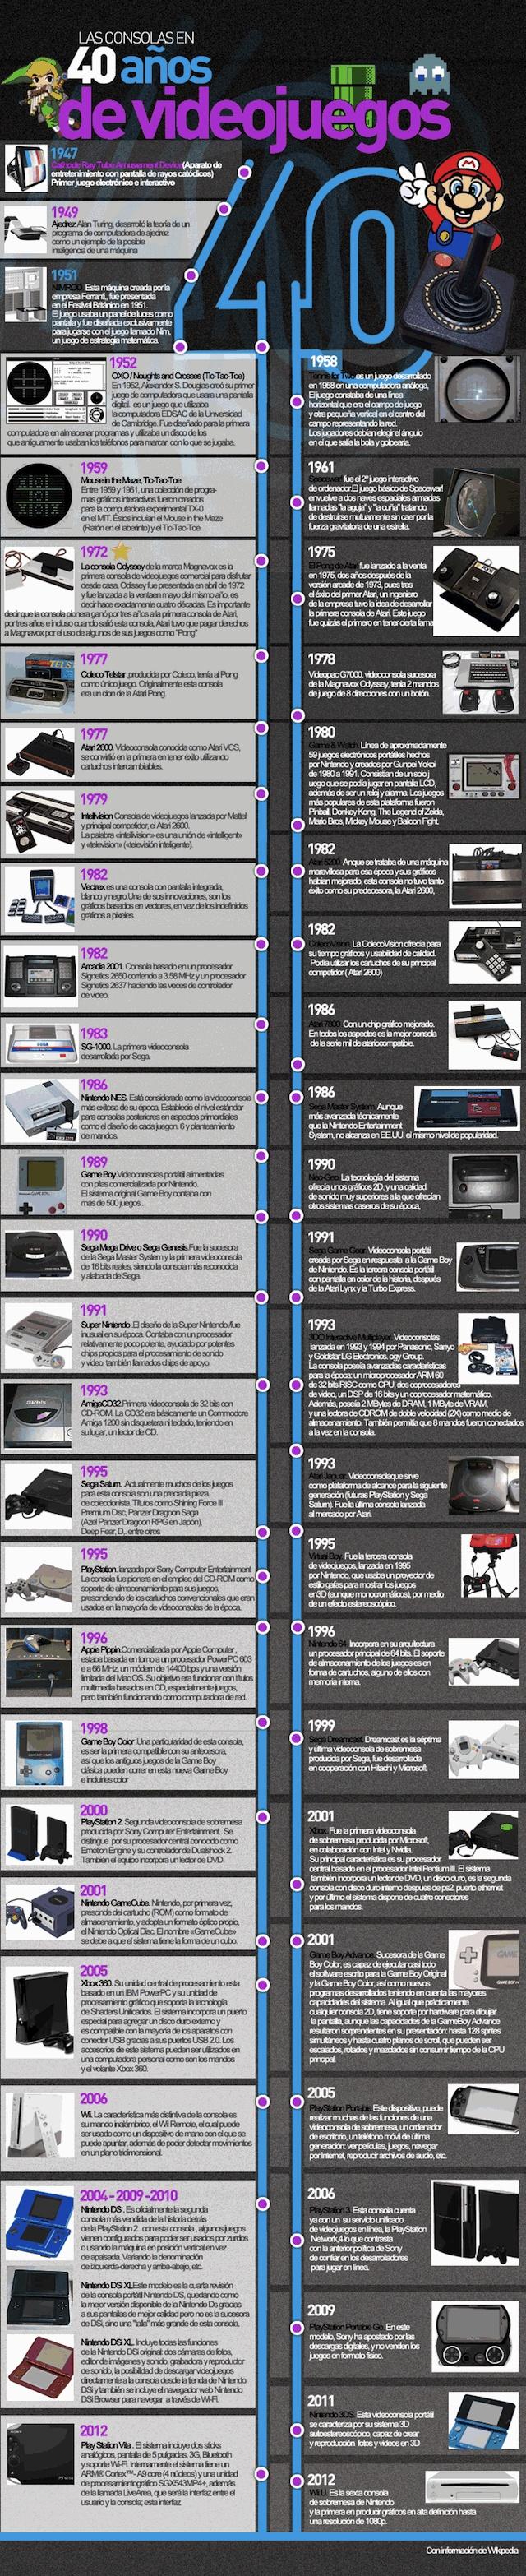 40 años de Videojuegos #Infografia (pinned by @lovile)